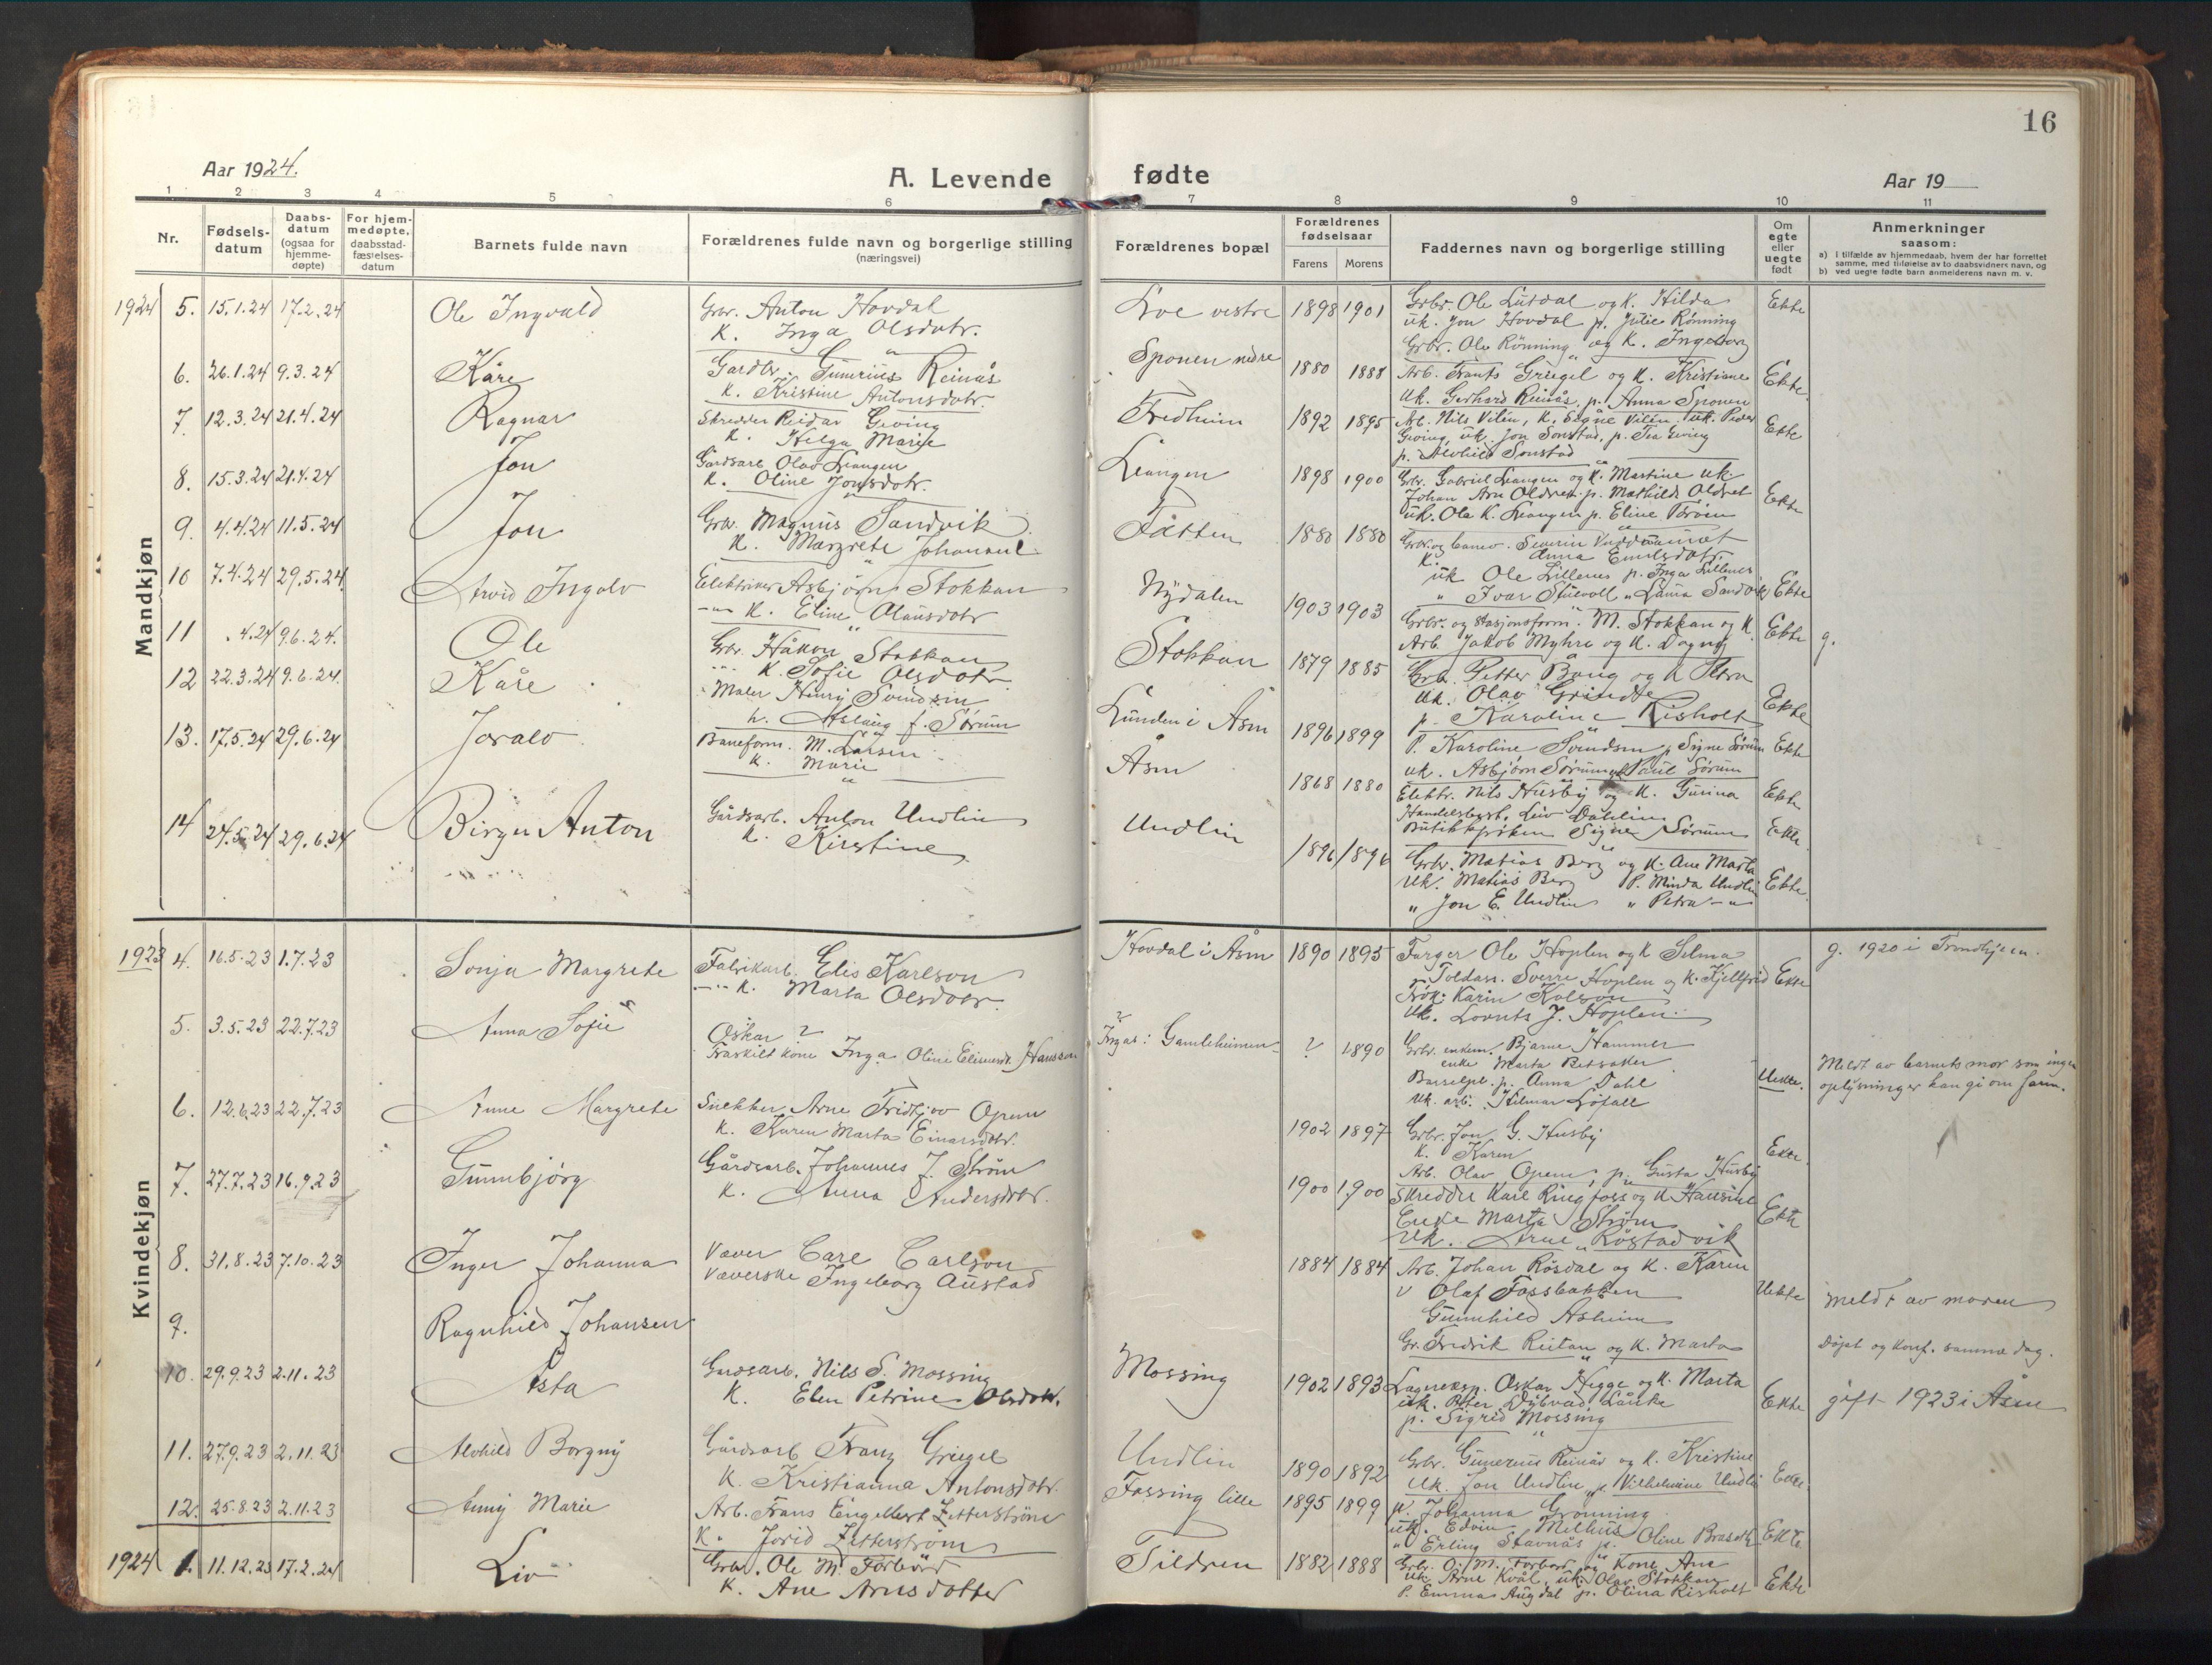 SAT, Ministerialprotokoller, klokkerbøker og fødselsregistre - Nord-Trøndelag, 714/L0136: Klokkerbok nr. 714C05, 1918-1957, s. 16